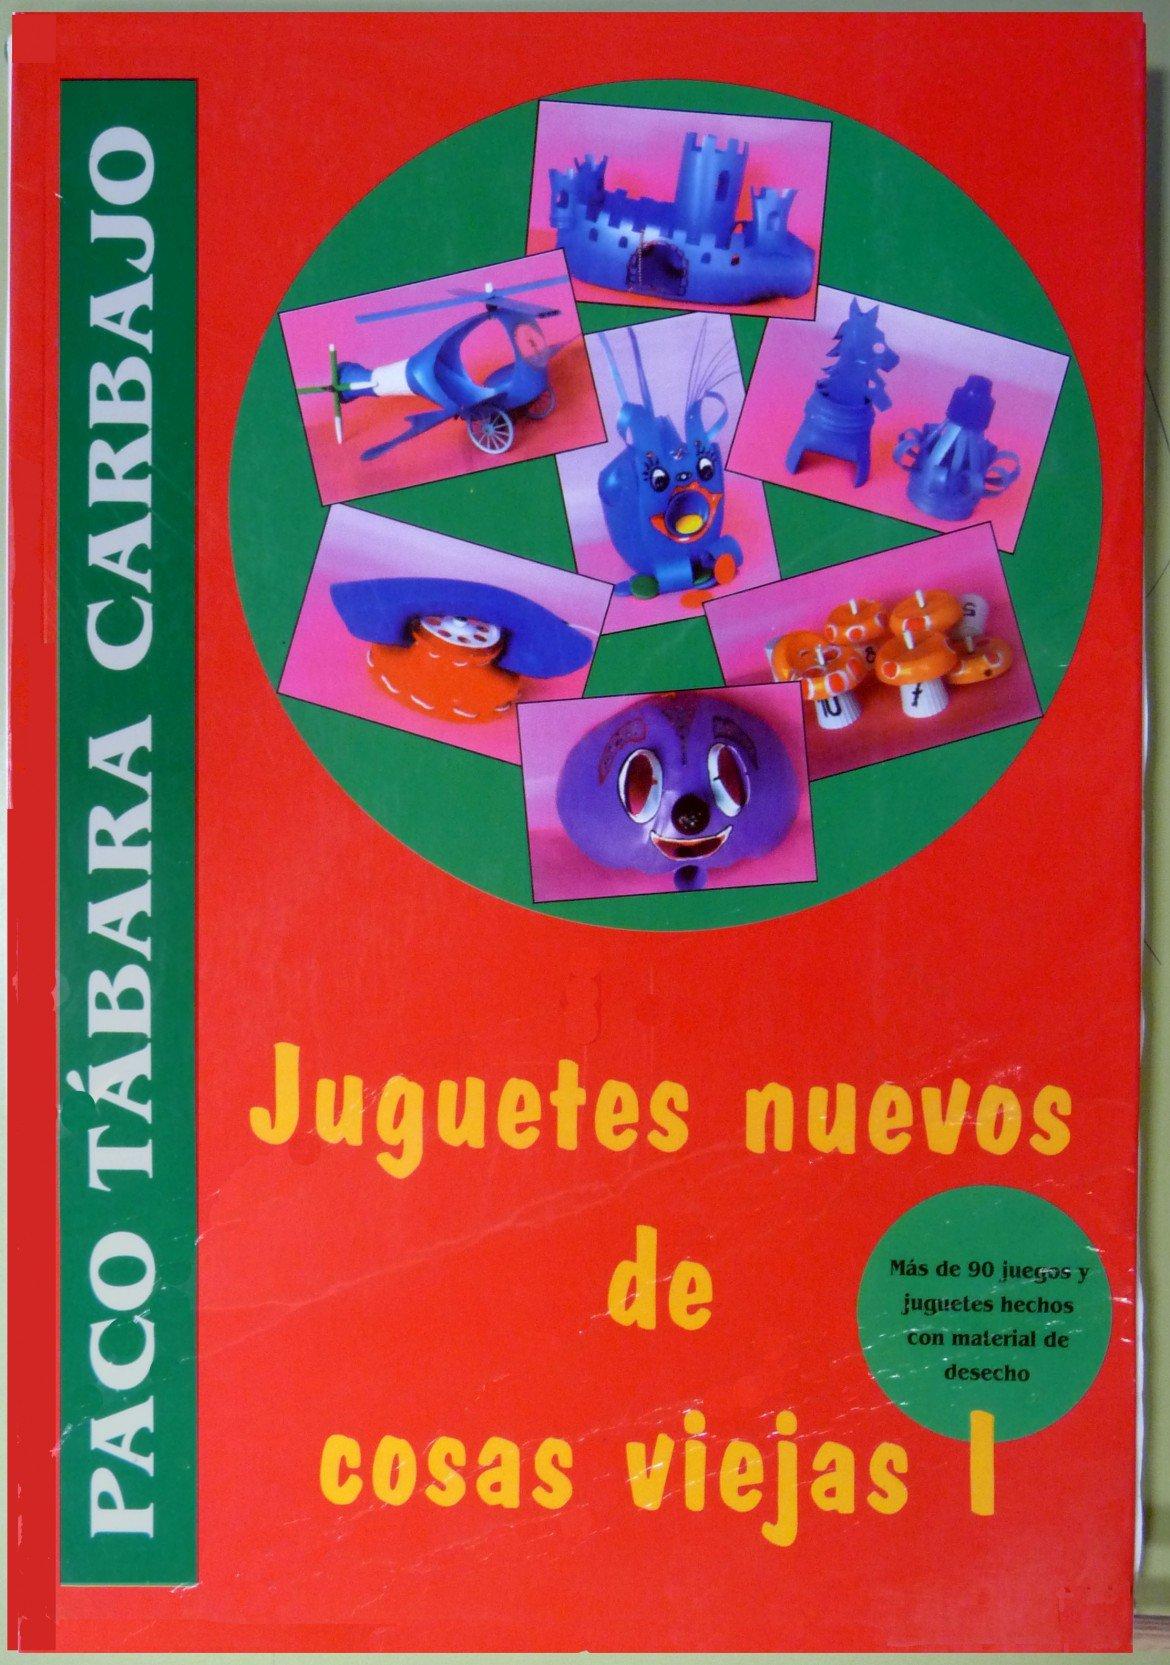 Juguetes Nuevos De Cosas Viejas I: Amazon.es: Francisco Tabara Carbajo, Ana Elena Tábara Salgado: Libros